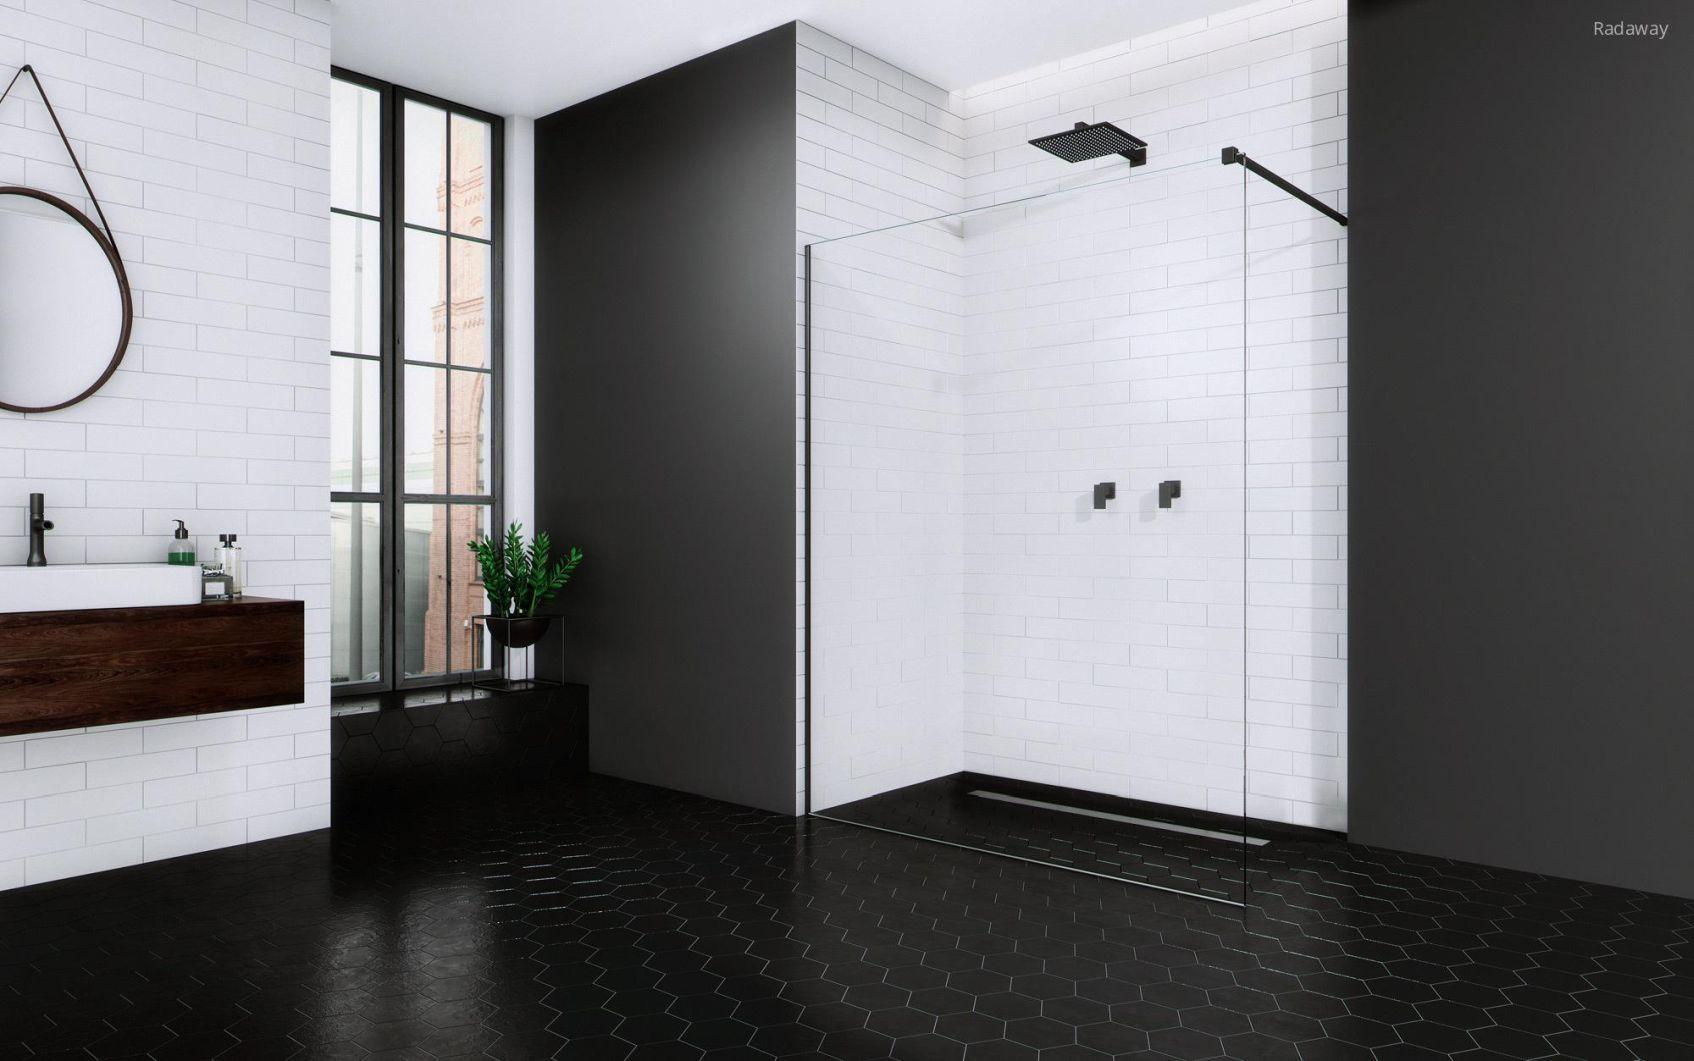 Czarna łazienka Jak Ją Urządzić Czarna łazienka Aranżacje